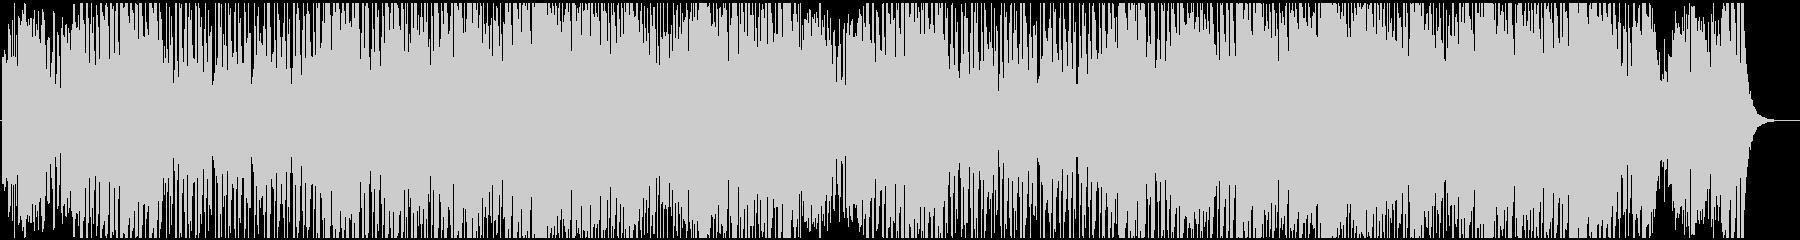 ムーディな色気あるBGMの未再生の波形